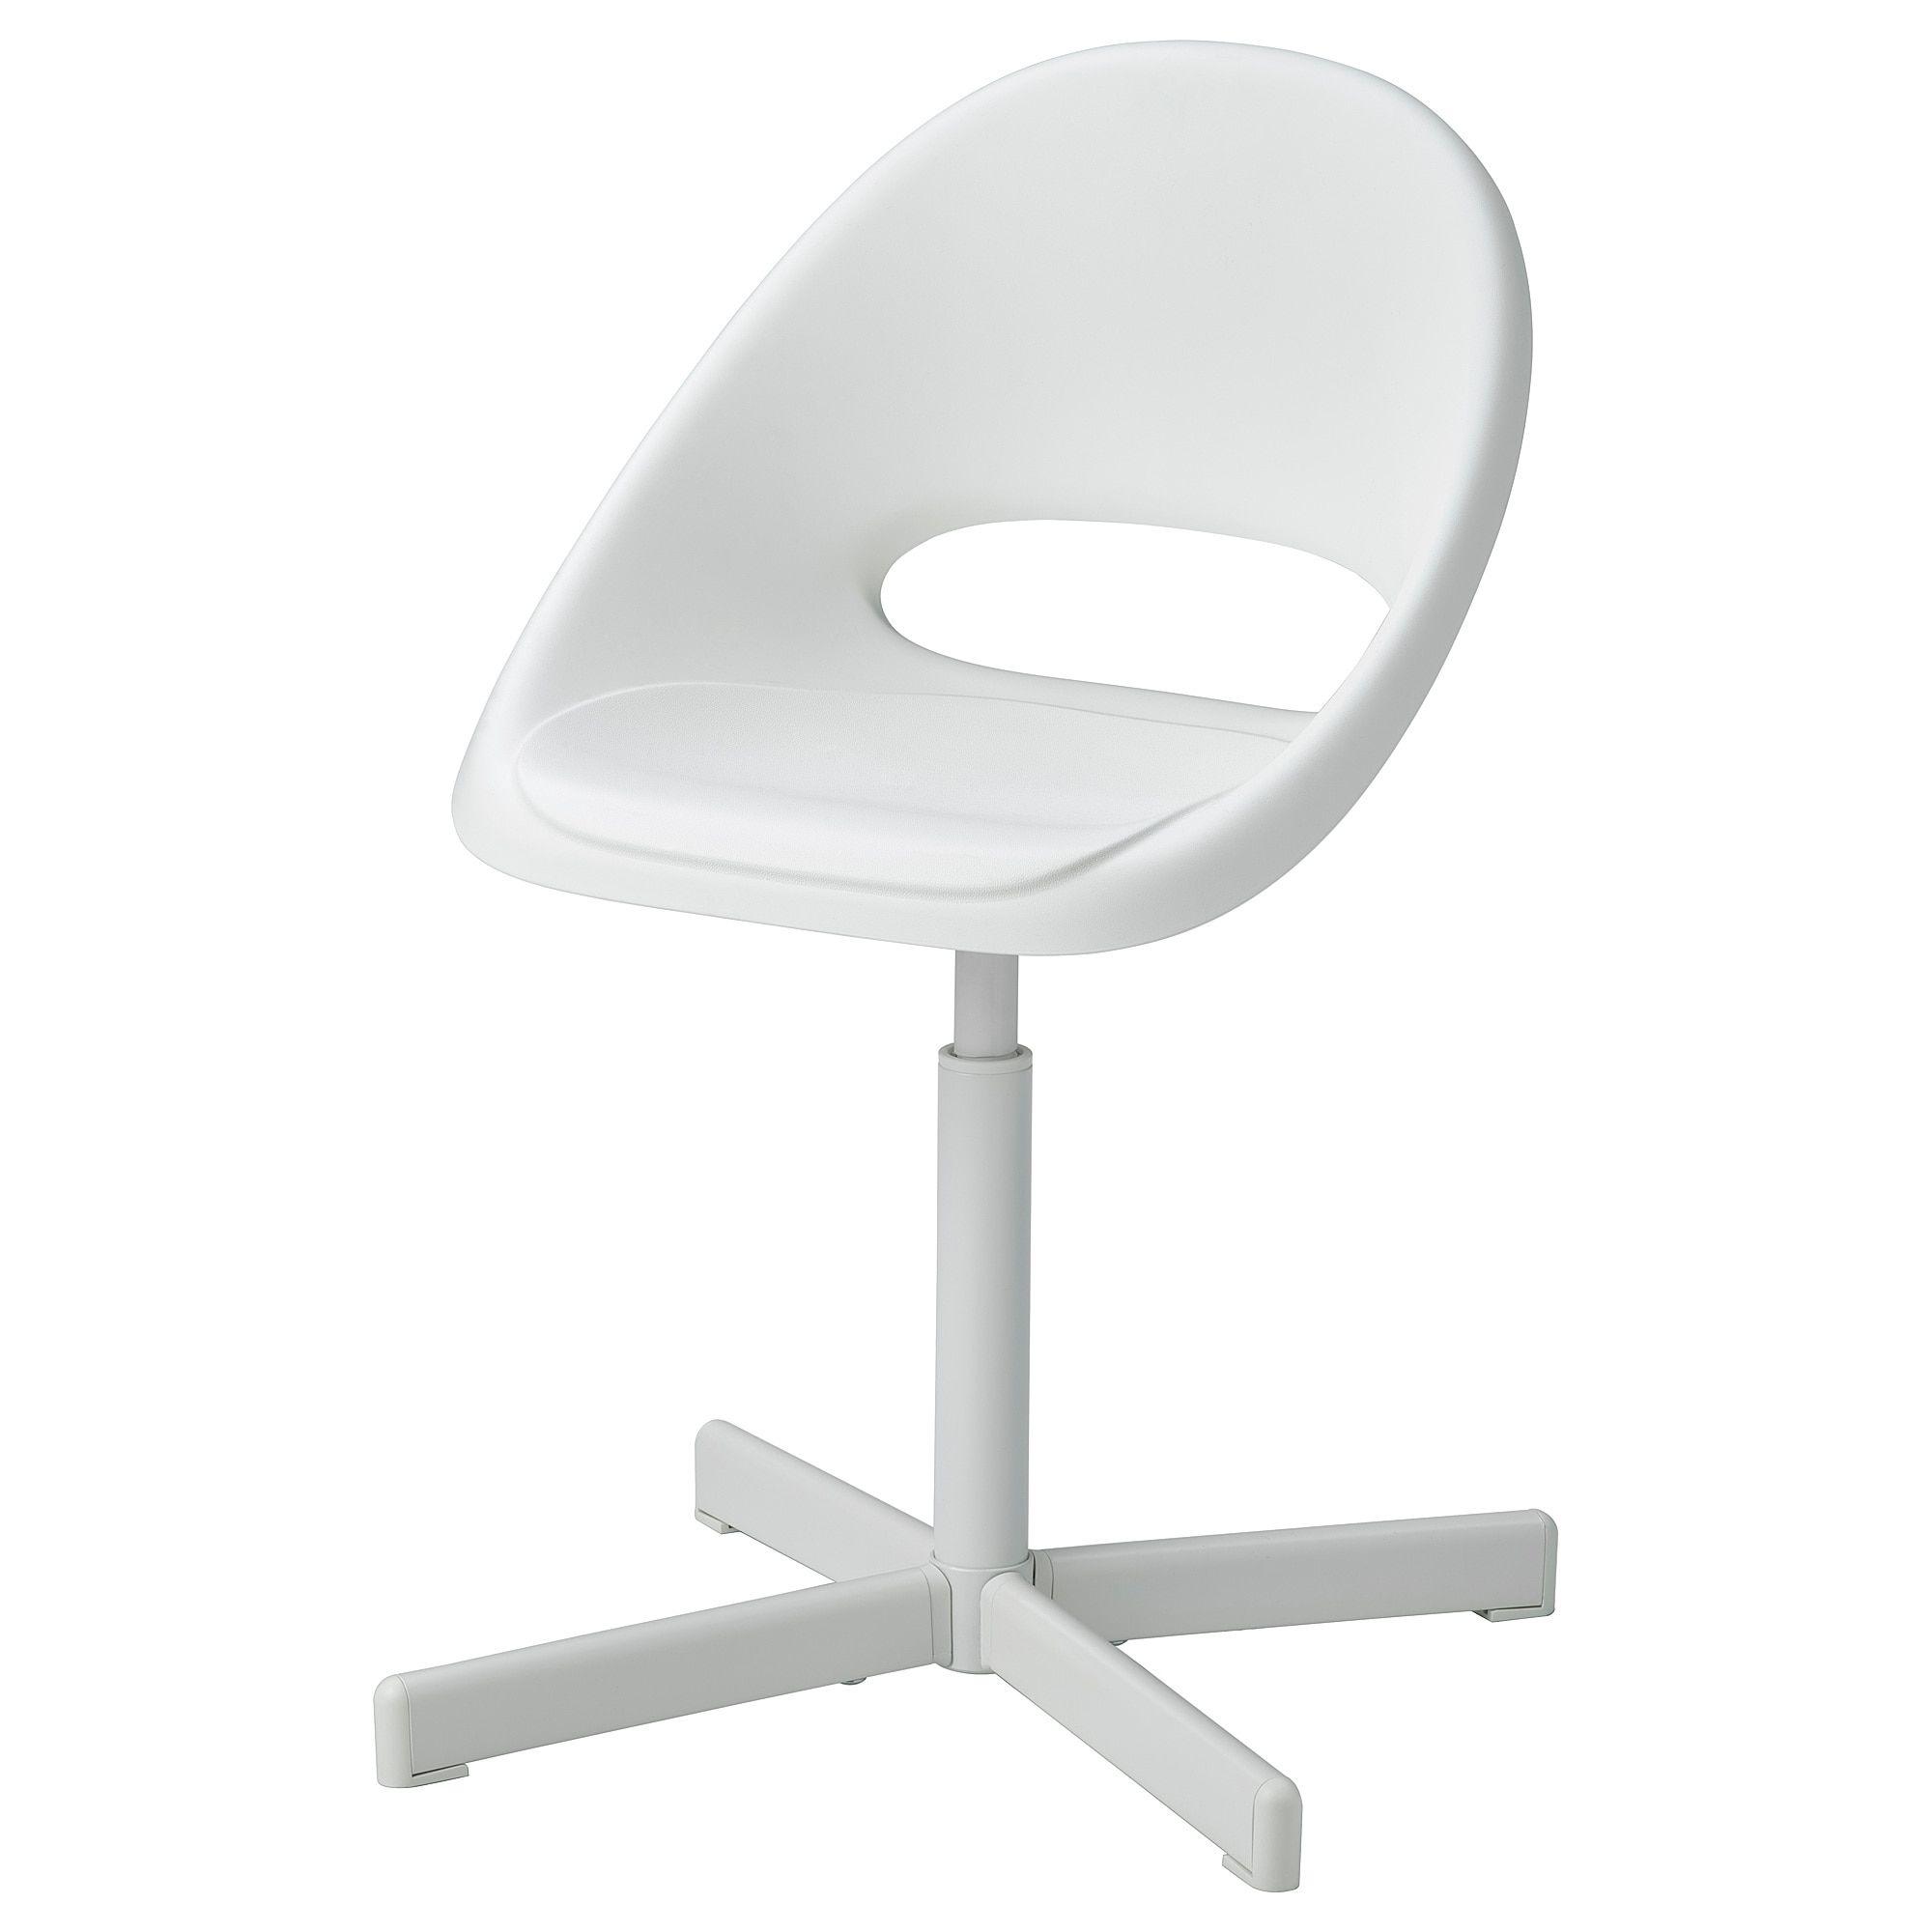 Loberget Sibben Gyerekforgoszek Feher Ikea In 2020 Childrens Desk And Chair Childrens Desk Desk Chair